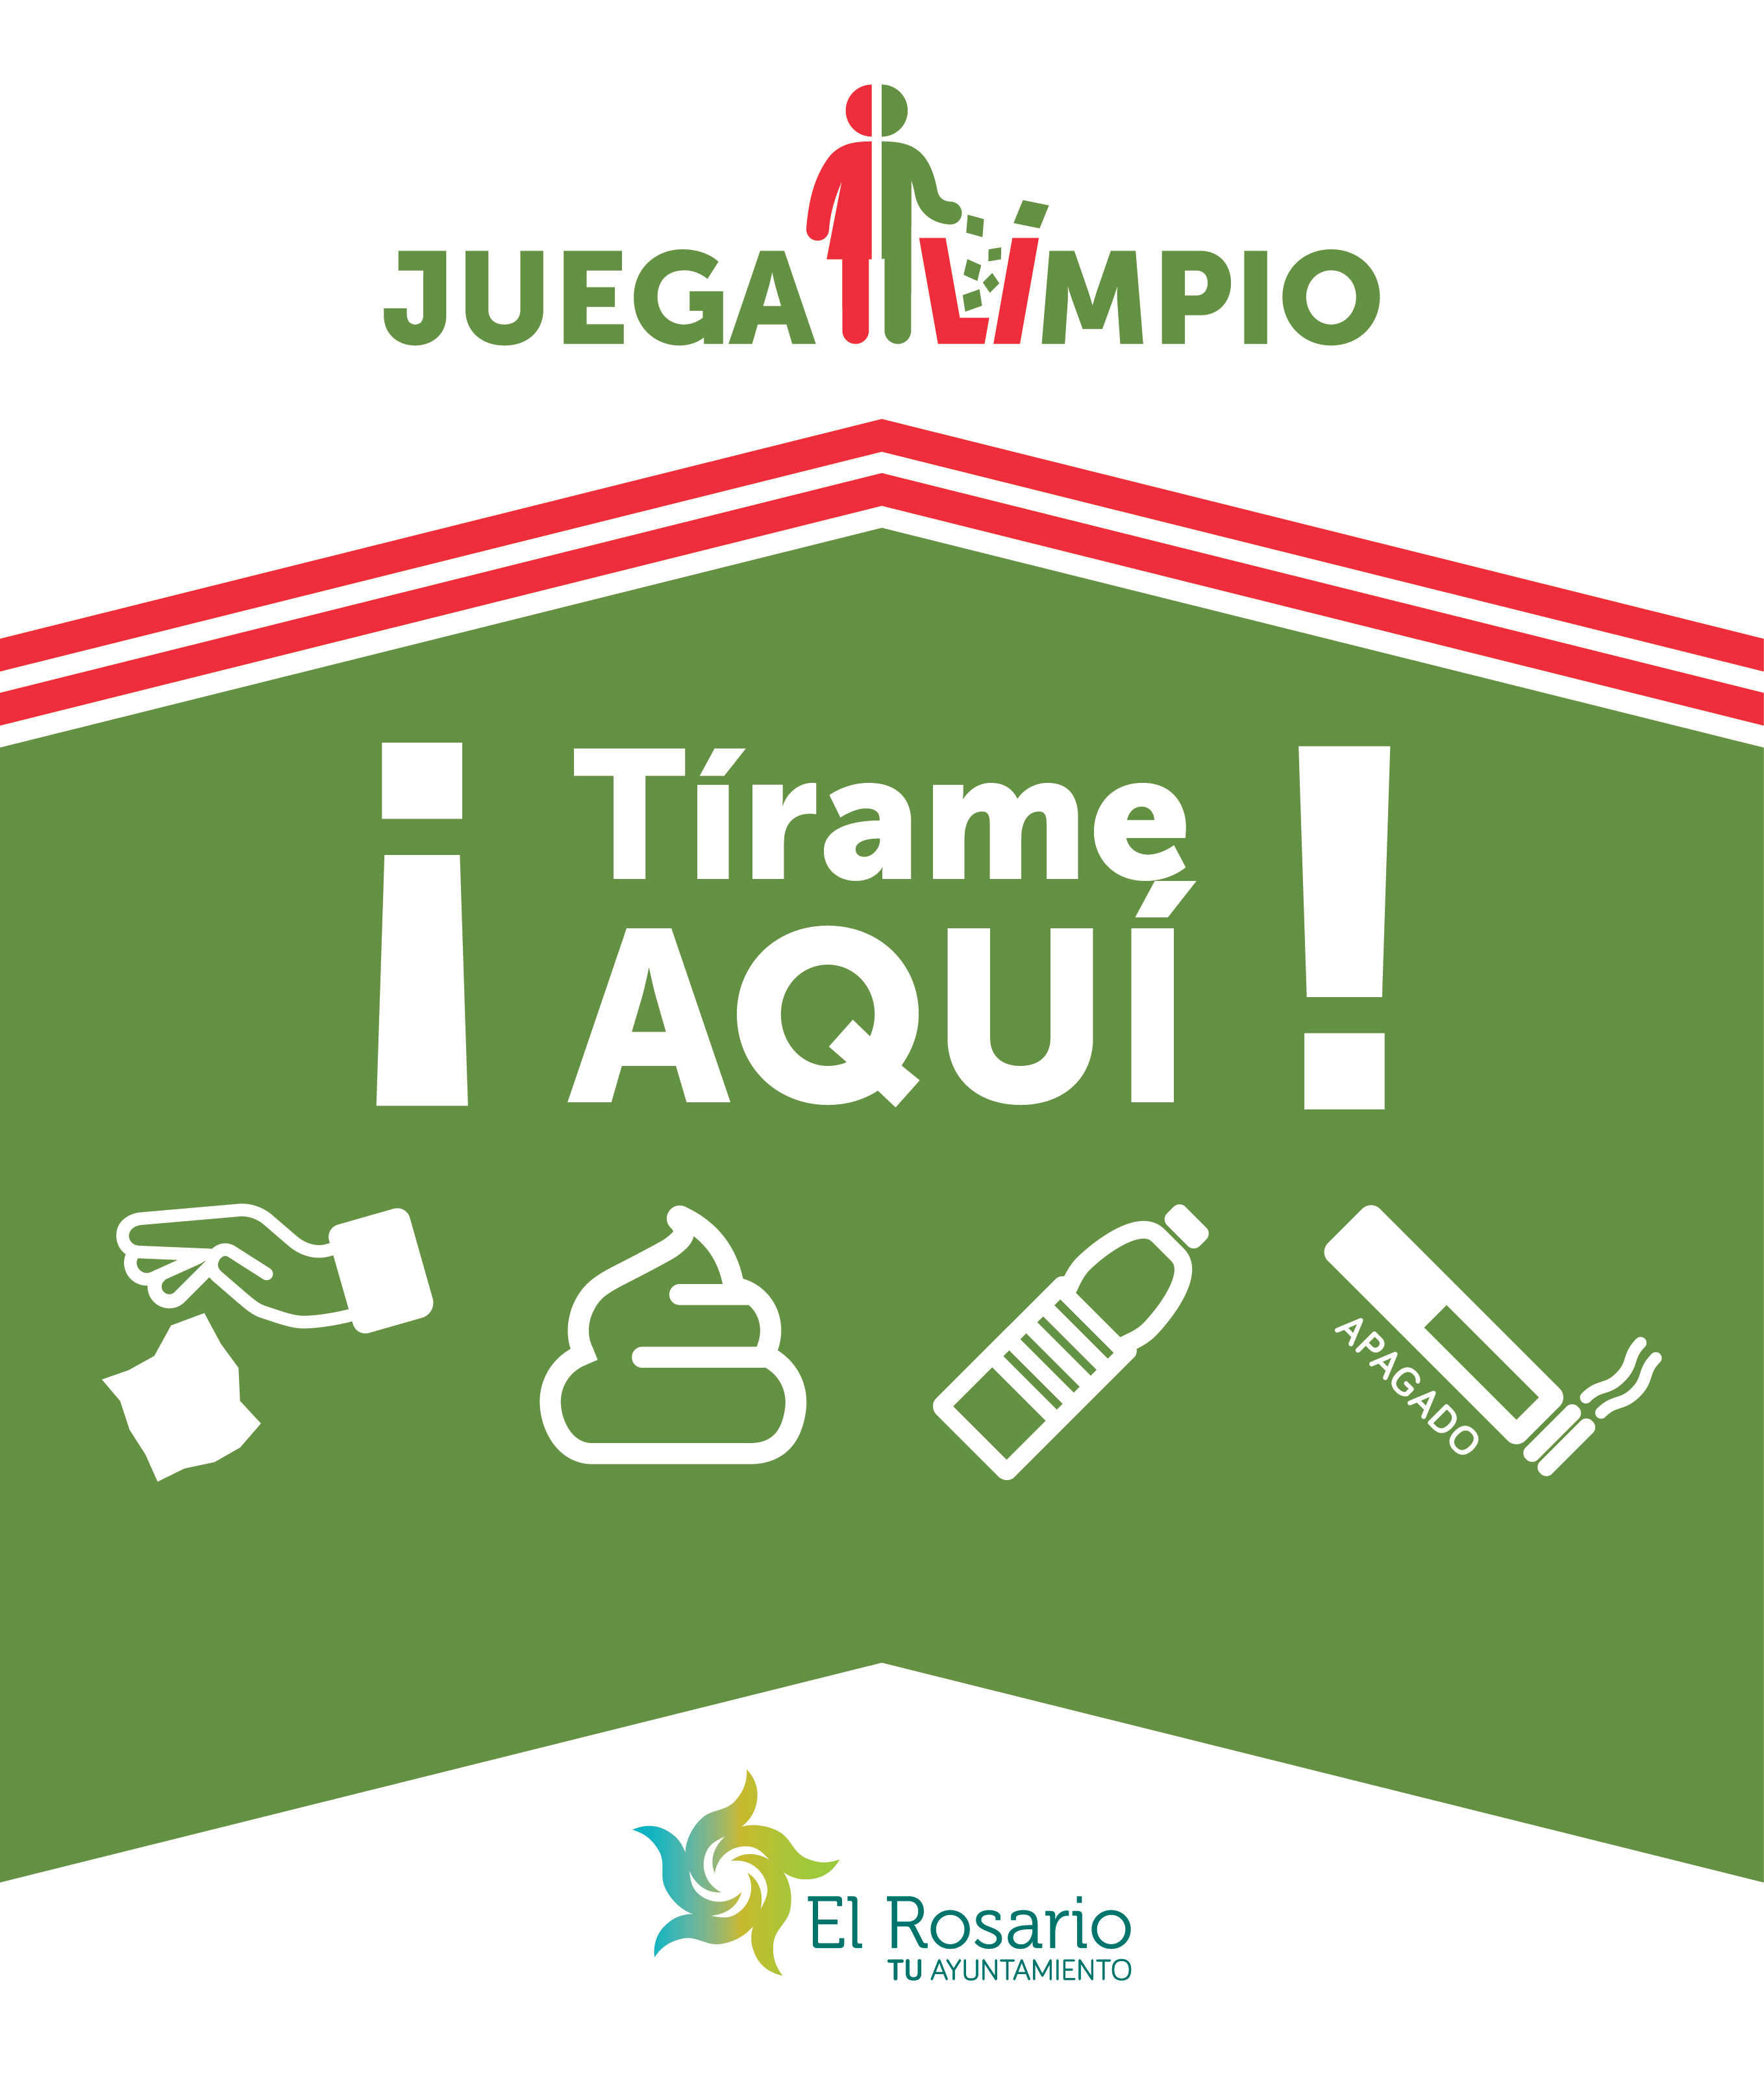 Campaña Juega Limpio El Rosario (3)